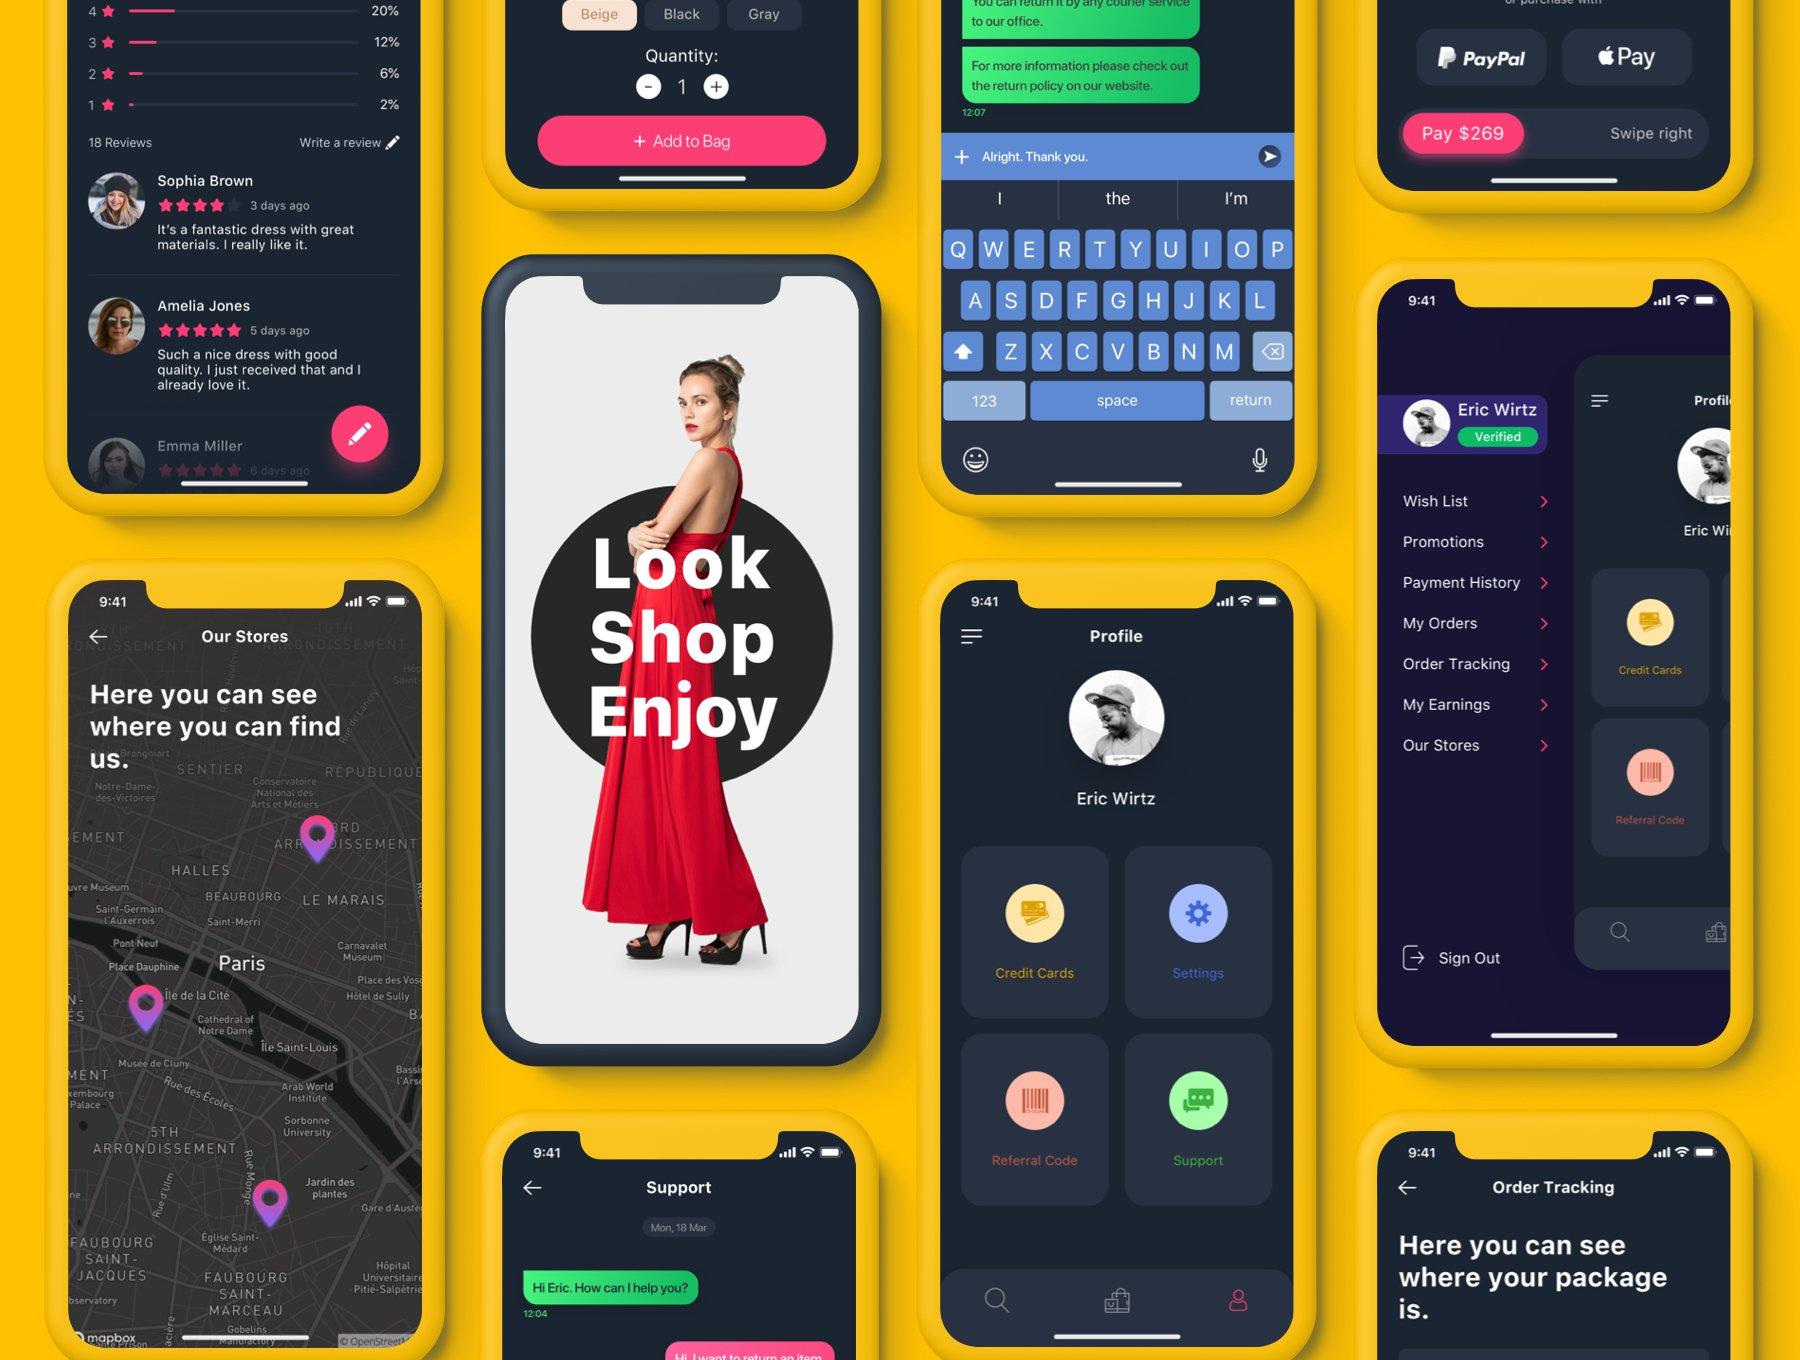 扁平风时尚电子商务购物APP Trendy | E-commerce UI Kit